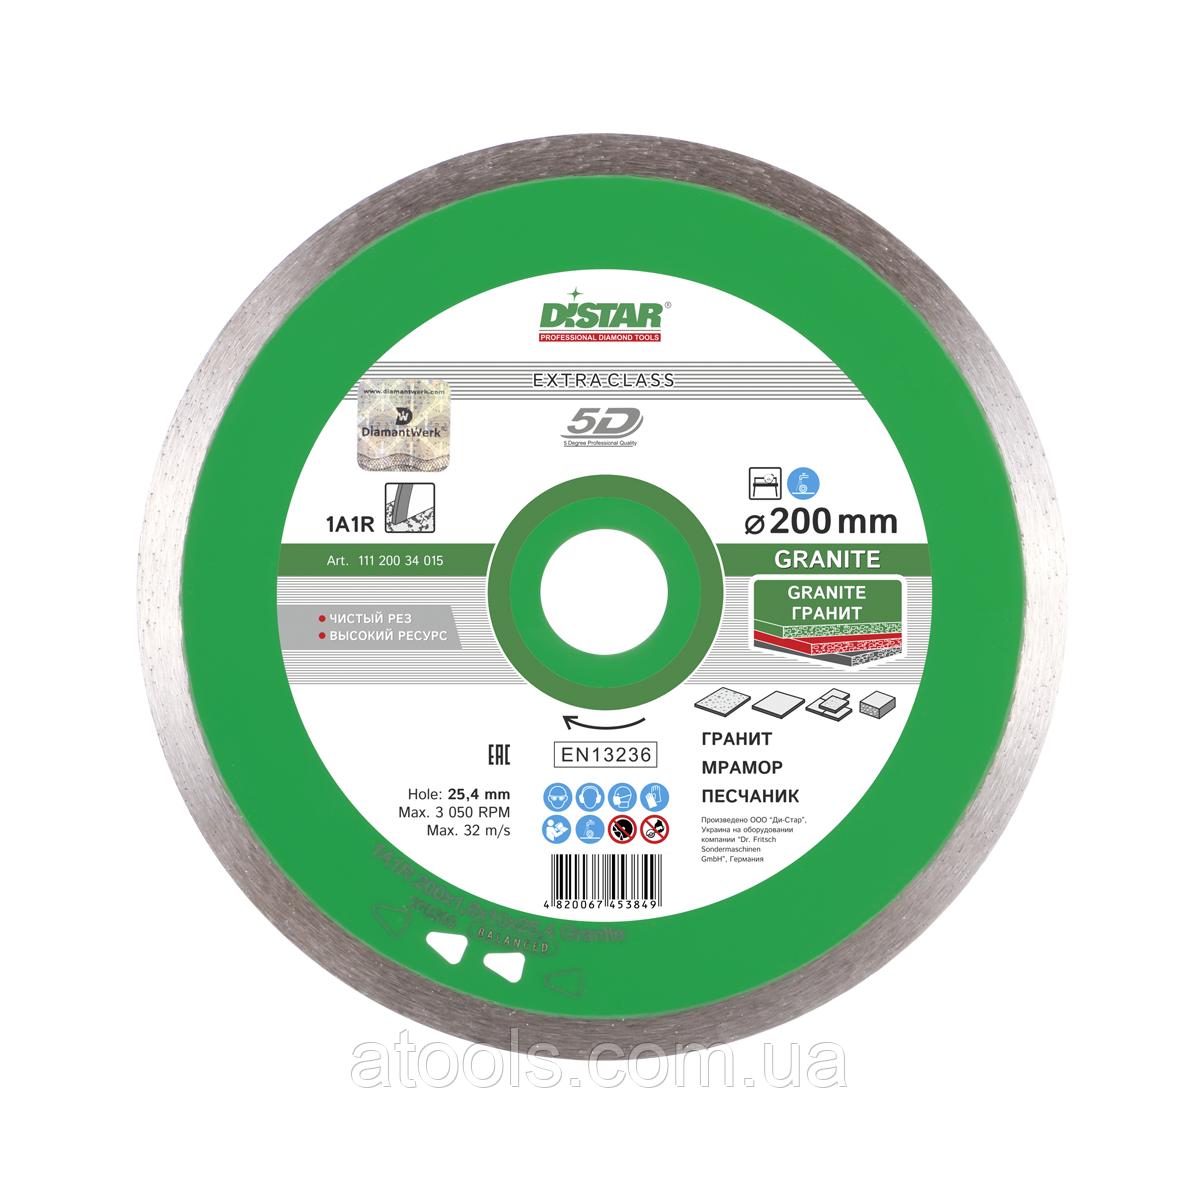 Алмазный отрезной диск Distar Granite 1A1R 350x2.2x10x32 (11127034024)